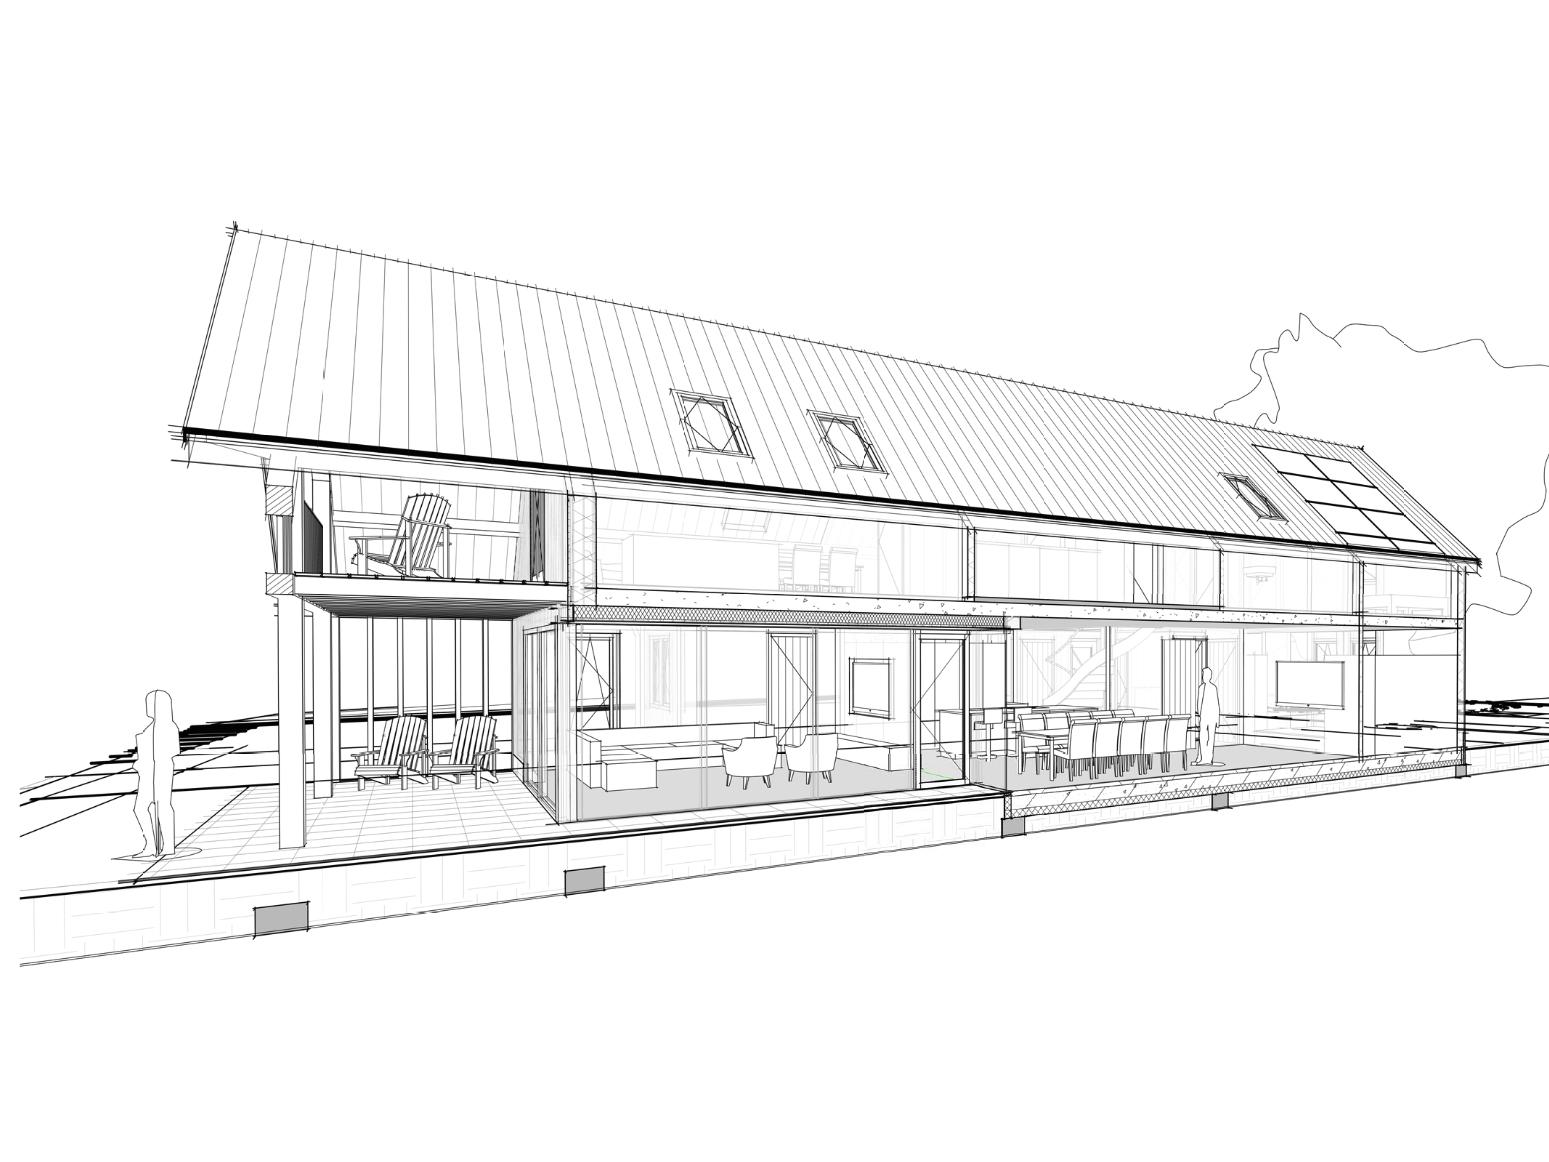 houten-schuurwoning--shuytgraaf-noorder-eiland-arnhem--van-oord-architectuur-wenum-wiesel-apeldoorn-architect-arnhem-architect-4